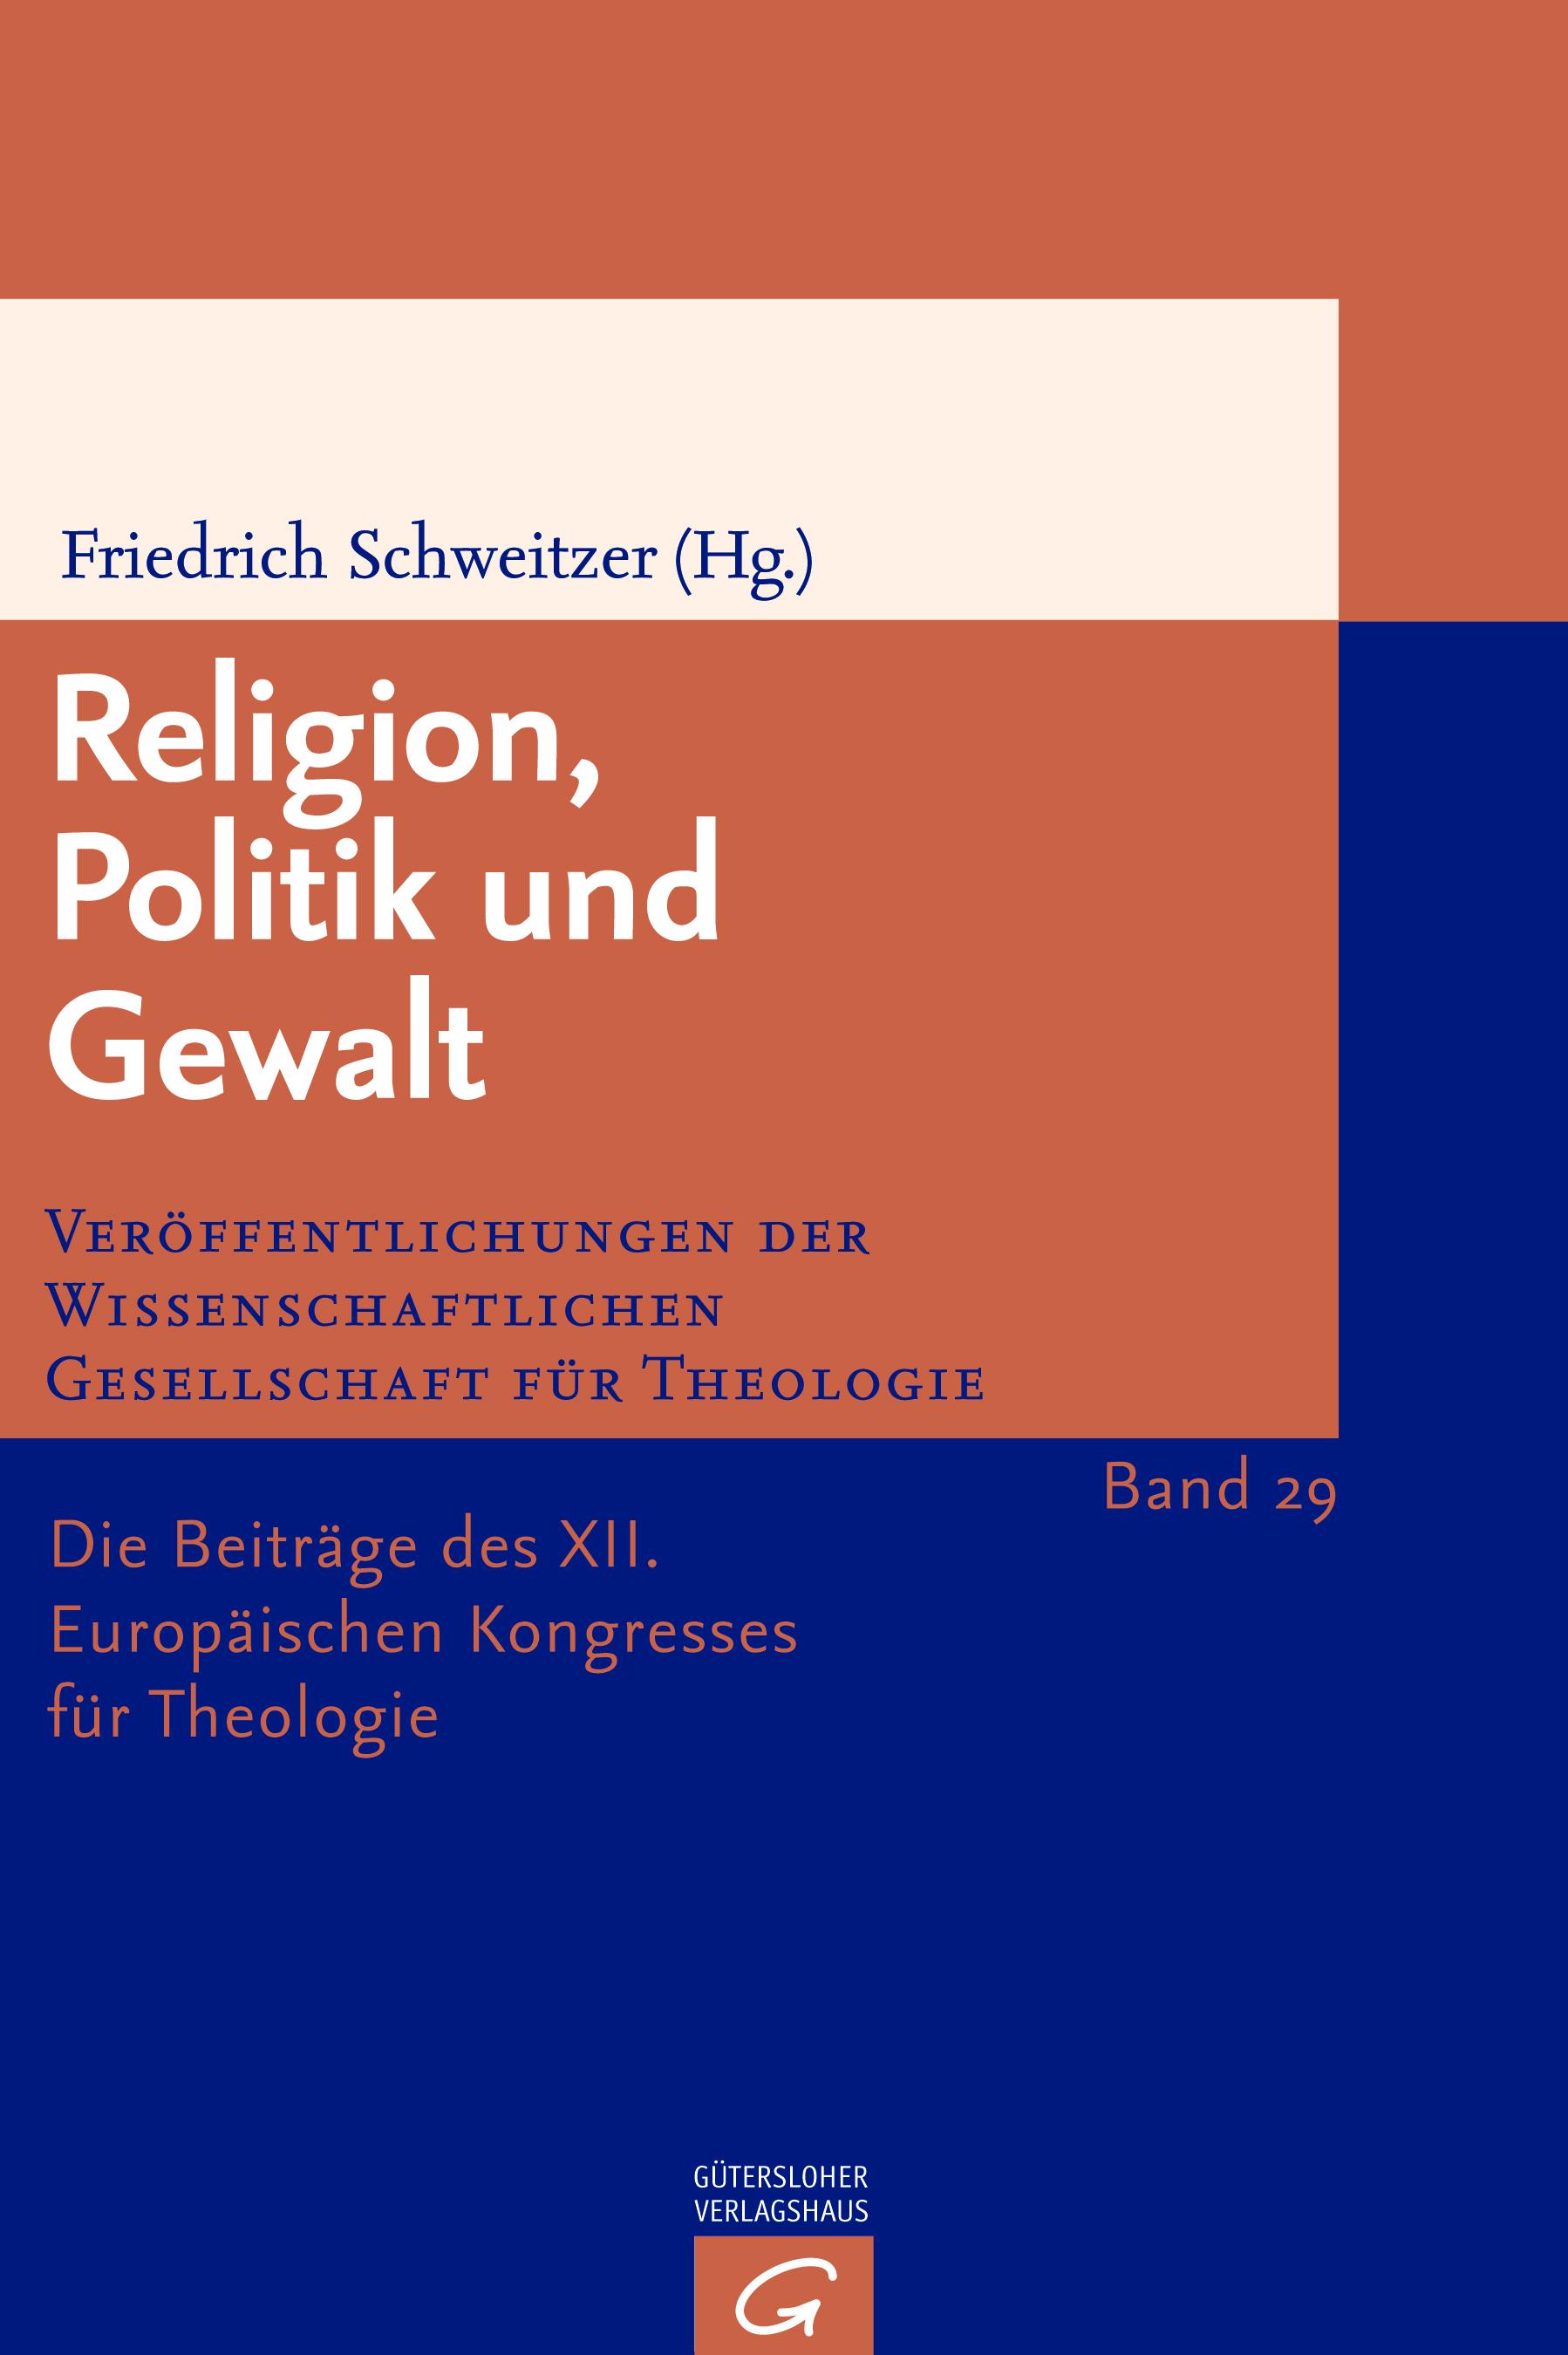 Religion, Politik und Gewalt (VWGTh 29)